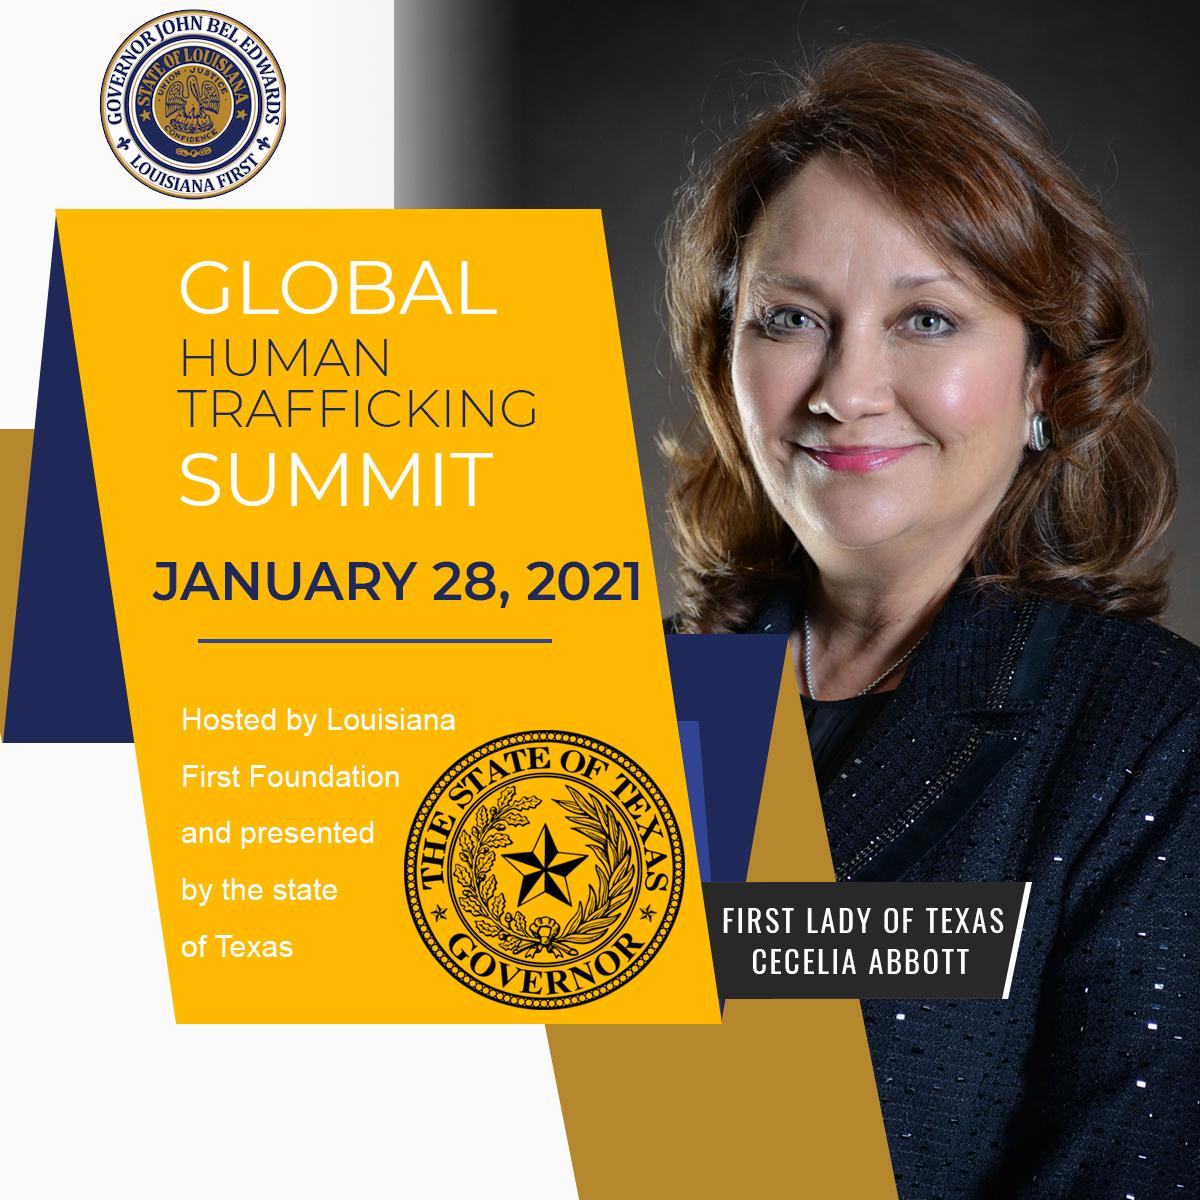 Anti-Human Trafficking – Global Human Trafficking Summit 2021